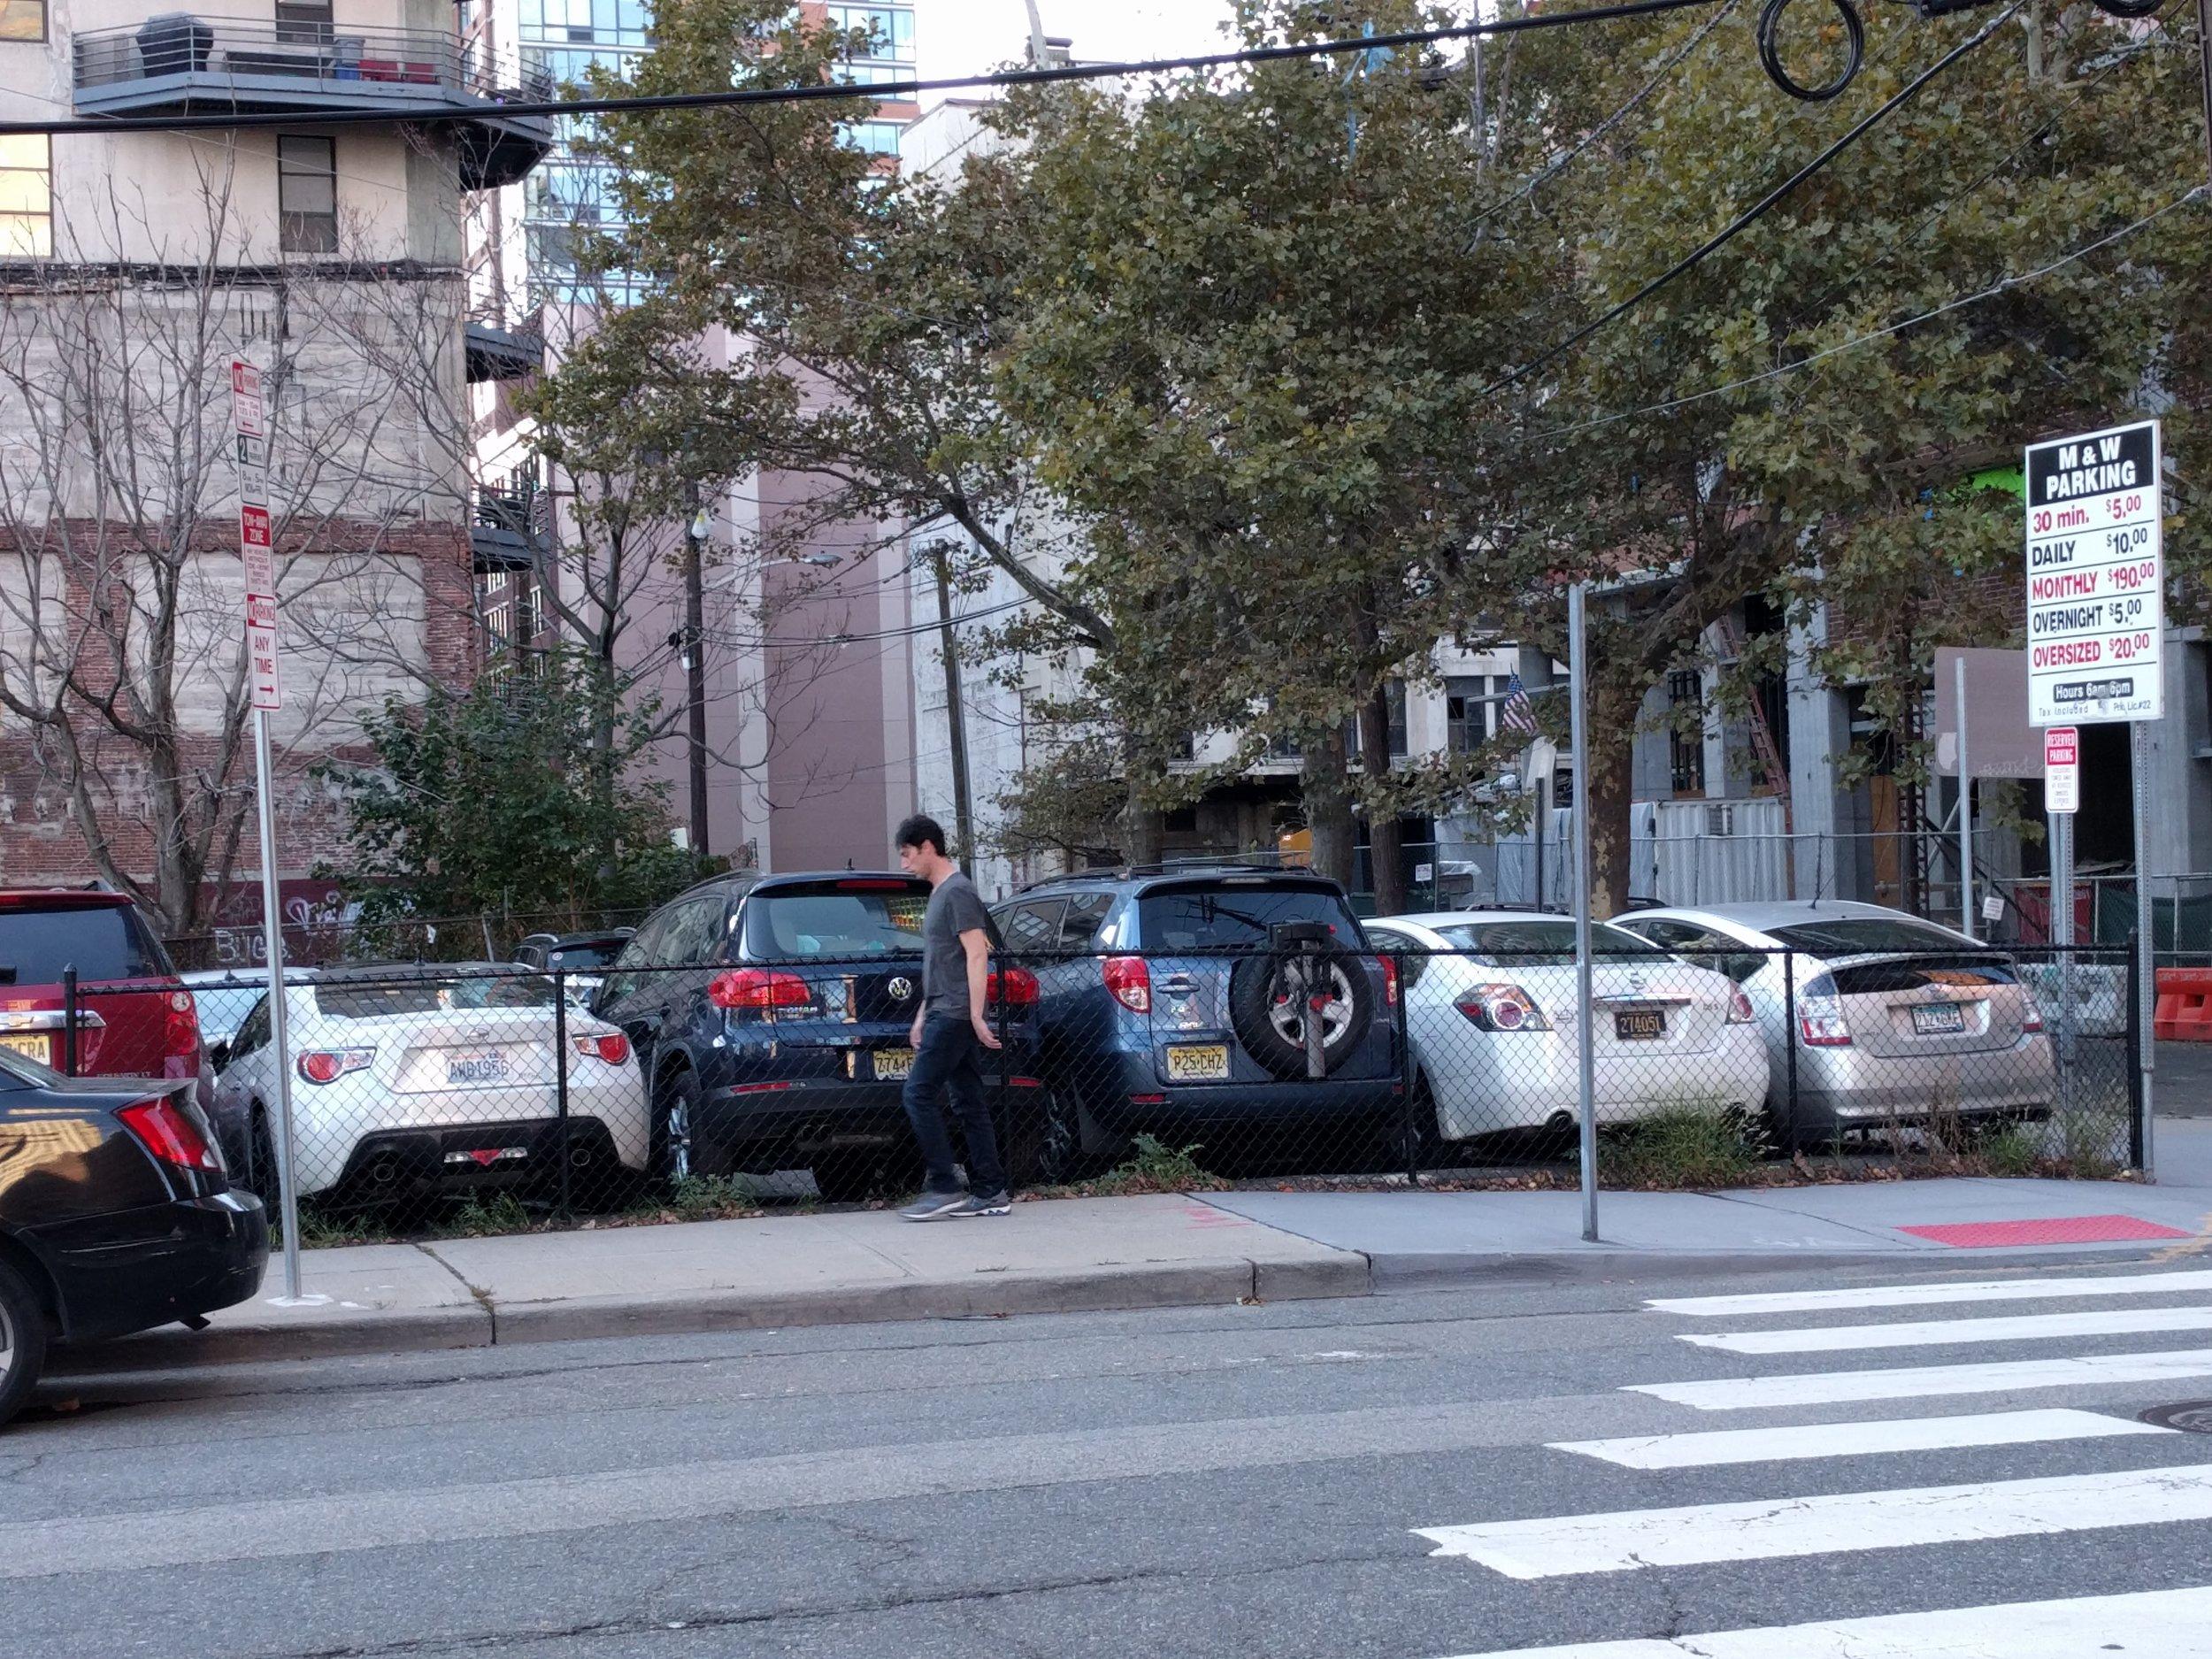 NY parking!